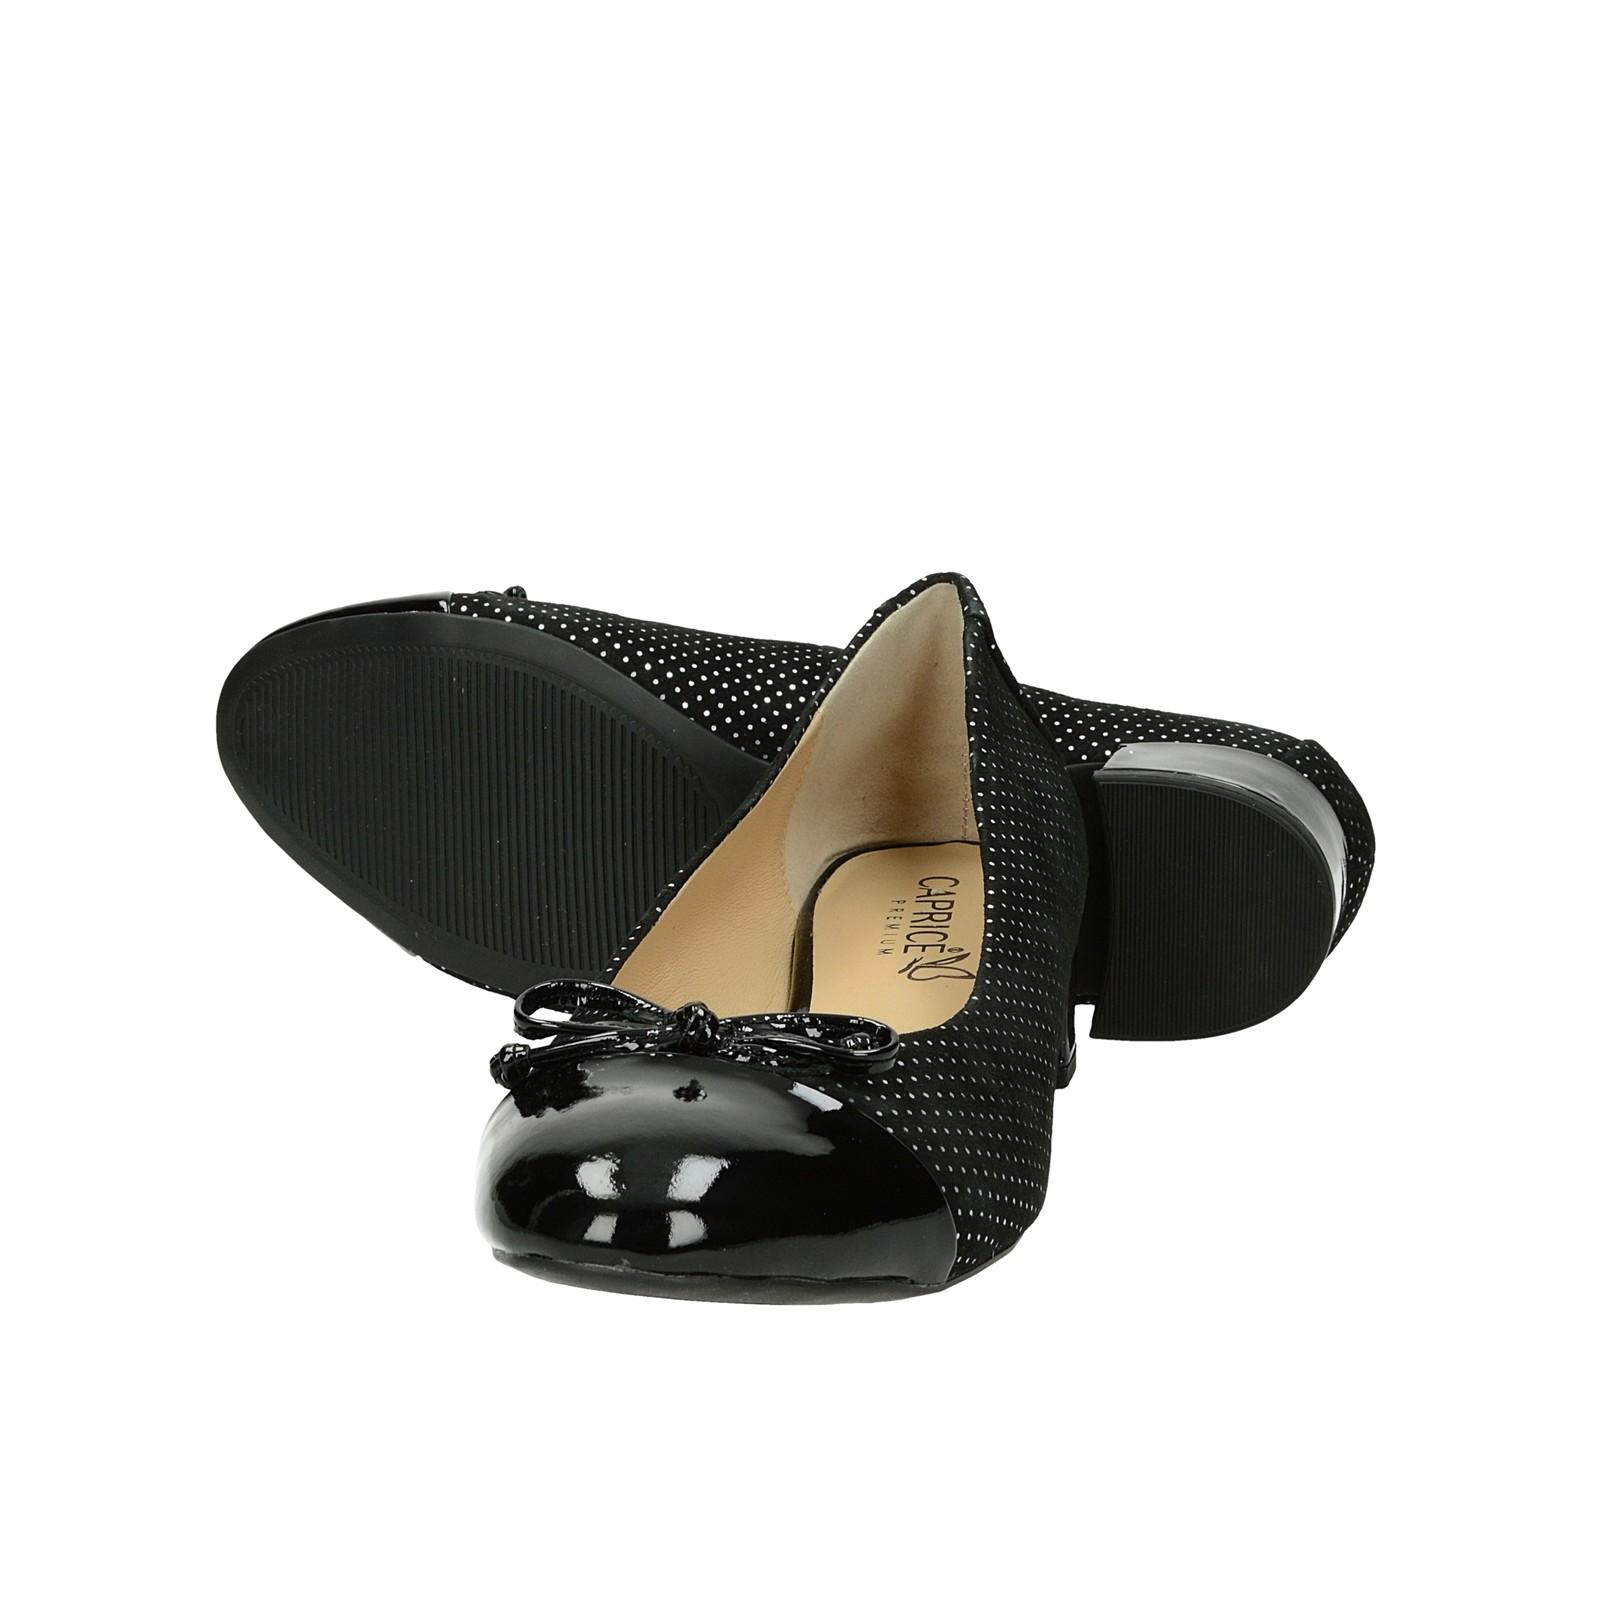 Caprice dámske štýlové balerínky s bodkovaným vzorom - čierne